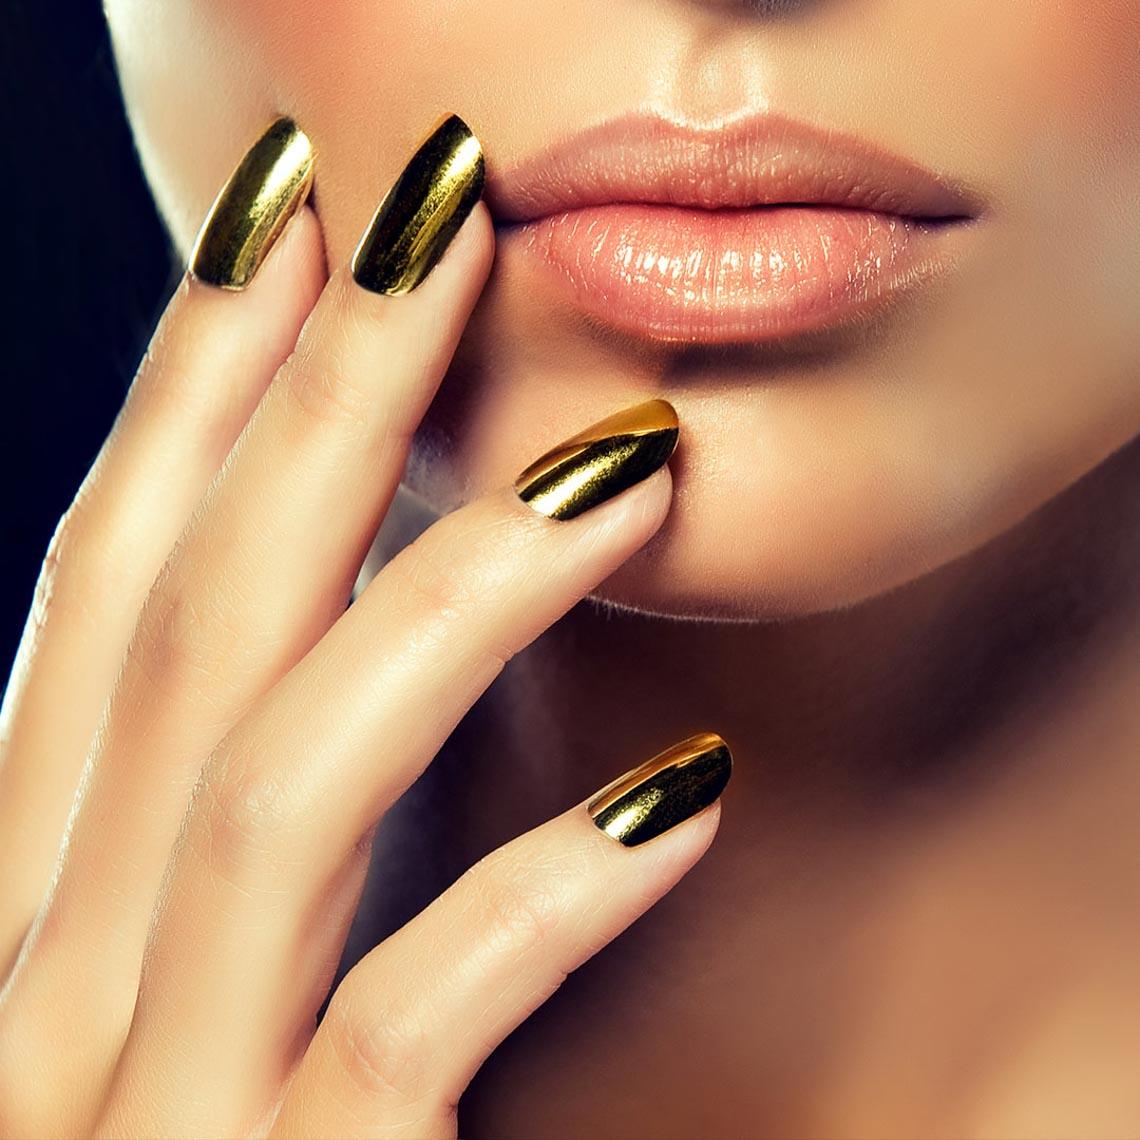 Các mẫu nails đang được yêu thích hiện nay - 3